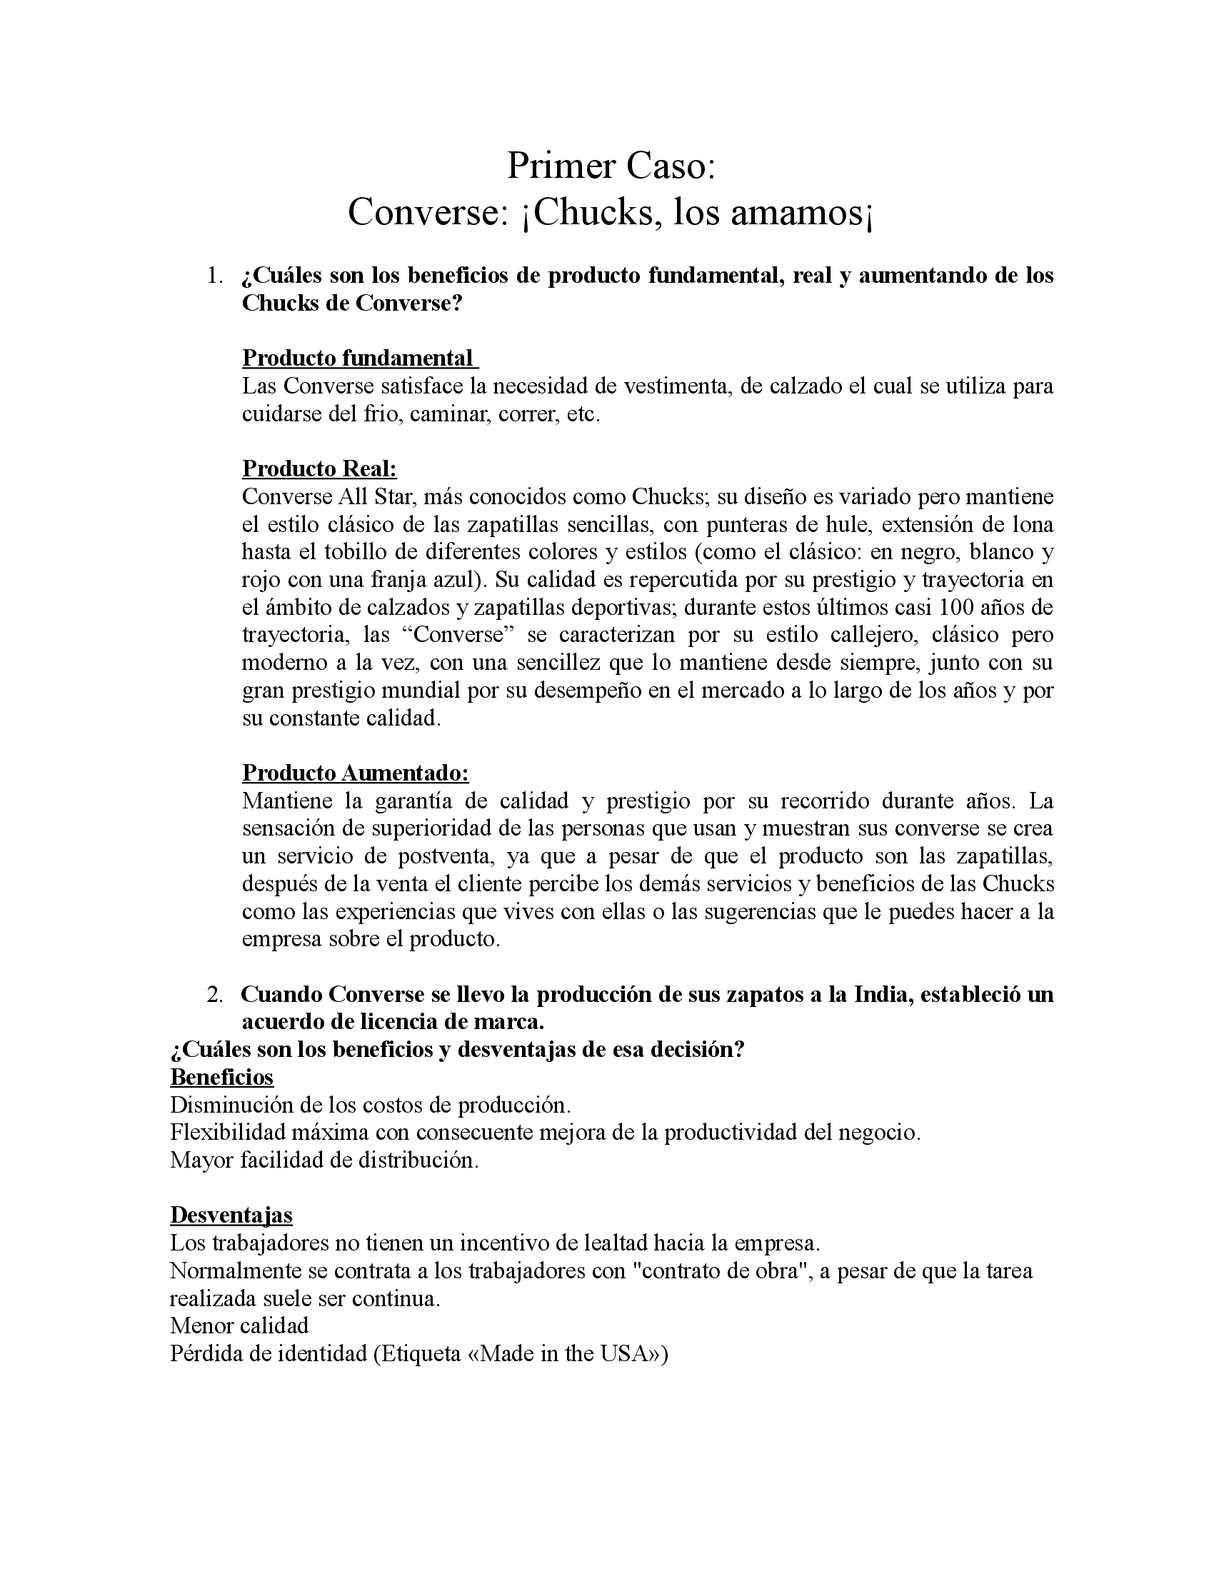 Calaméo Caso Empresarial: Converse: ¡Chucks los amamos!